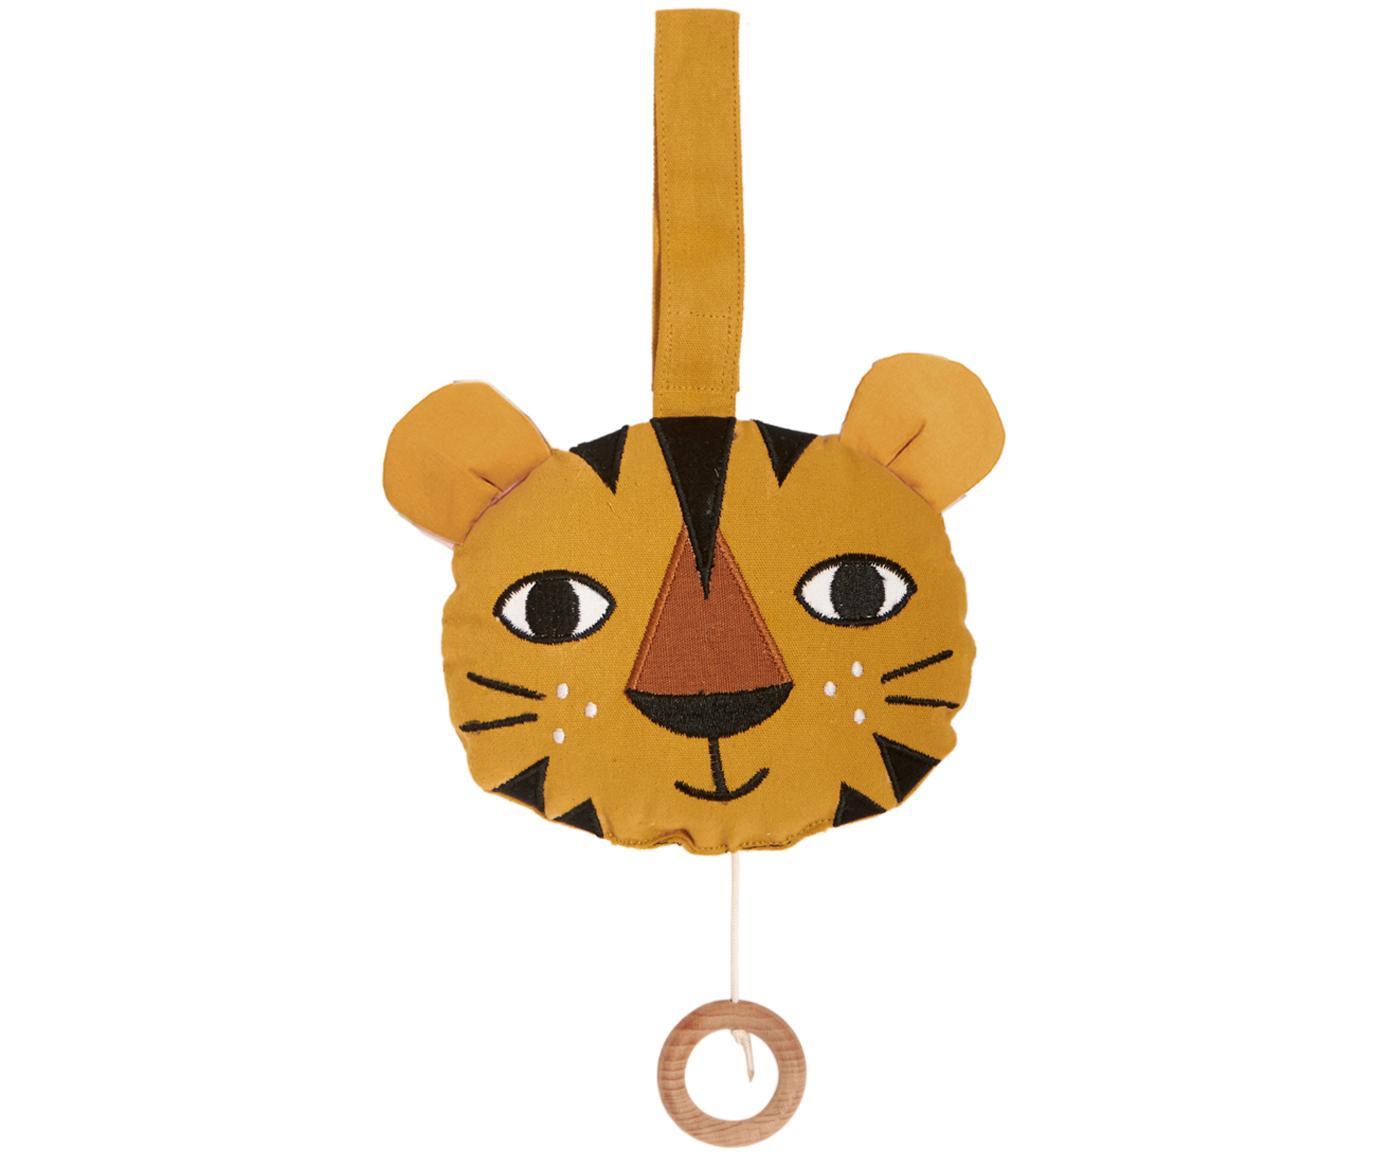 Handgefertigte Spieluhr Tiger, Baumwolle, GOTS- und OCS-zertifiziert, Gelb, 14 x 14 cm